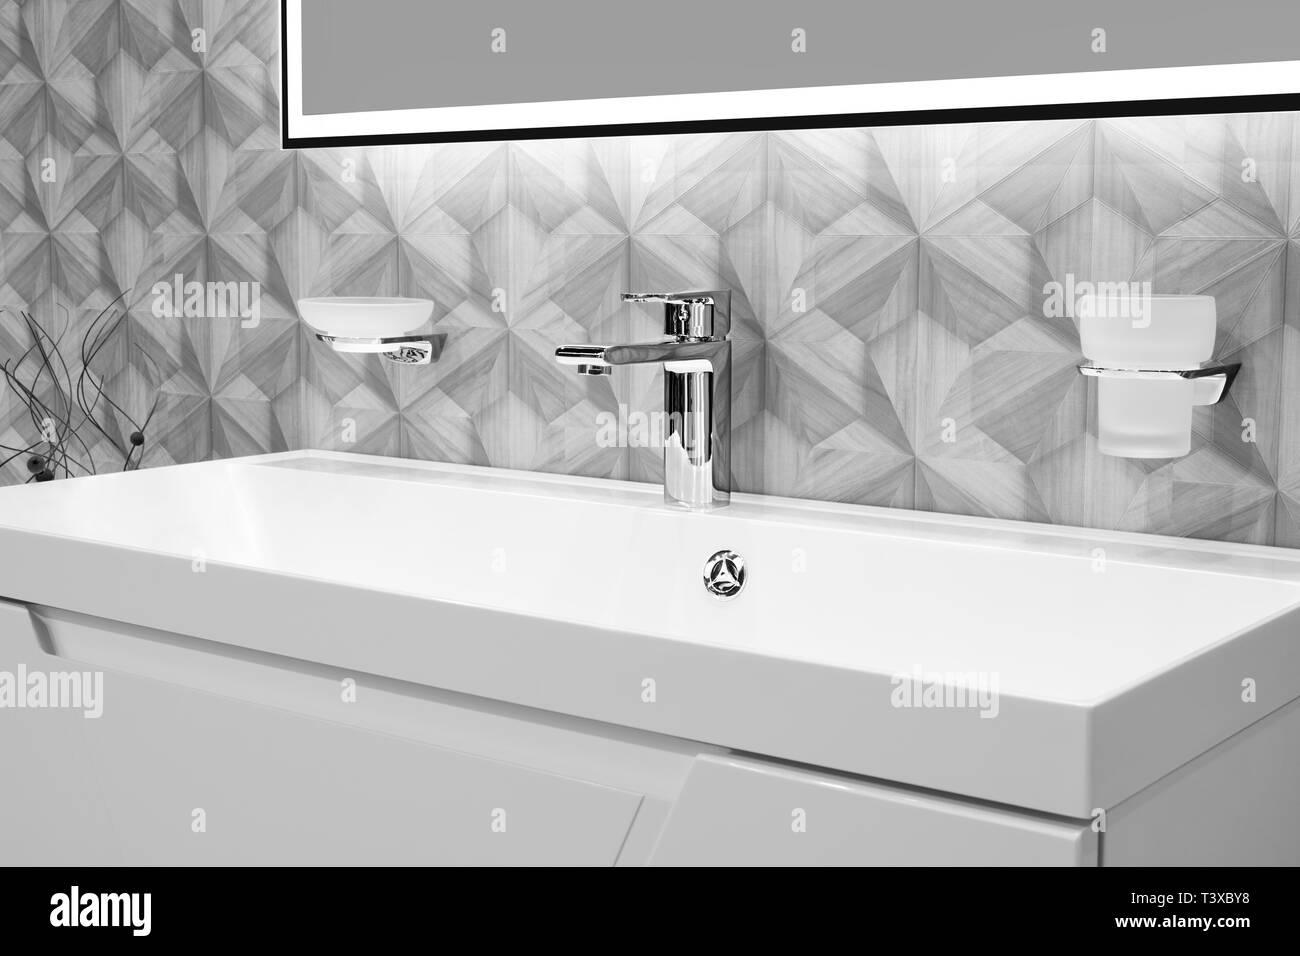 Luxuriöse, moderne Stil Wasserhahn Mischpult auf einem weißen ...